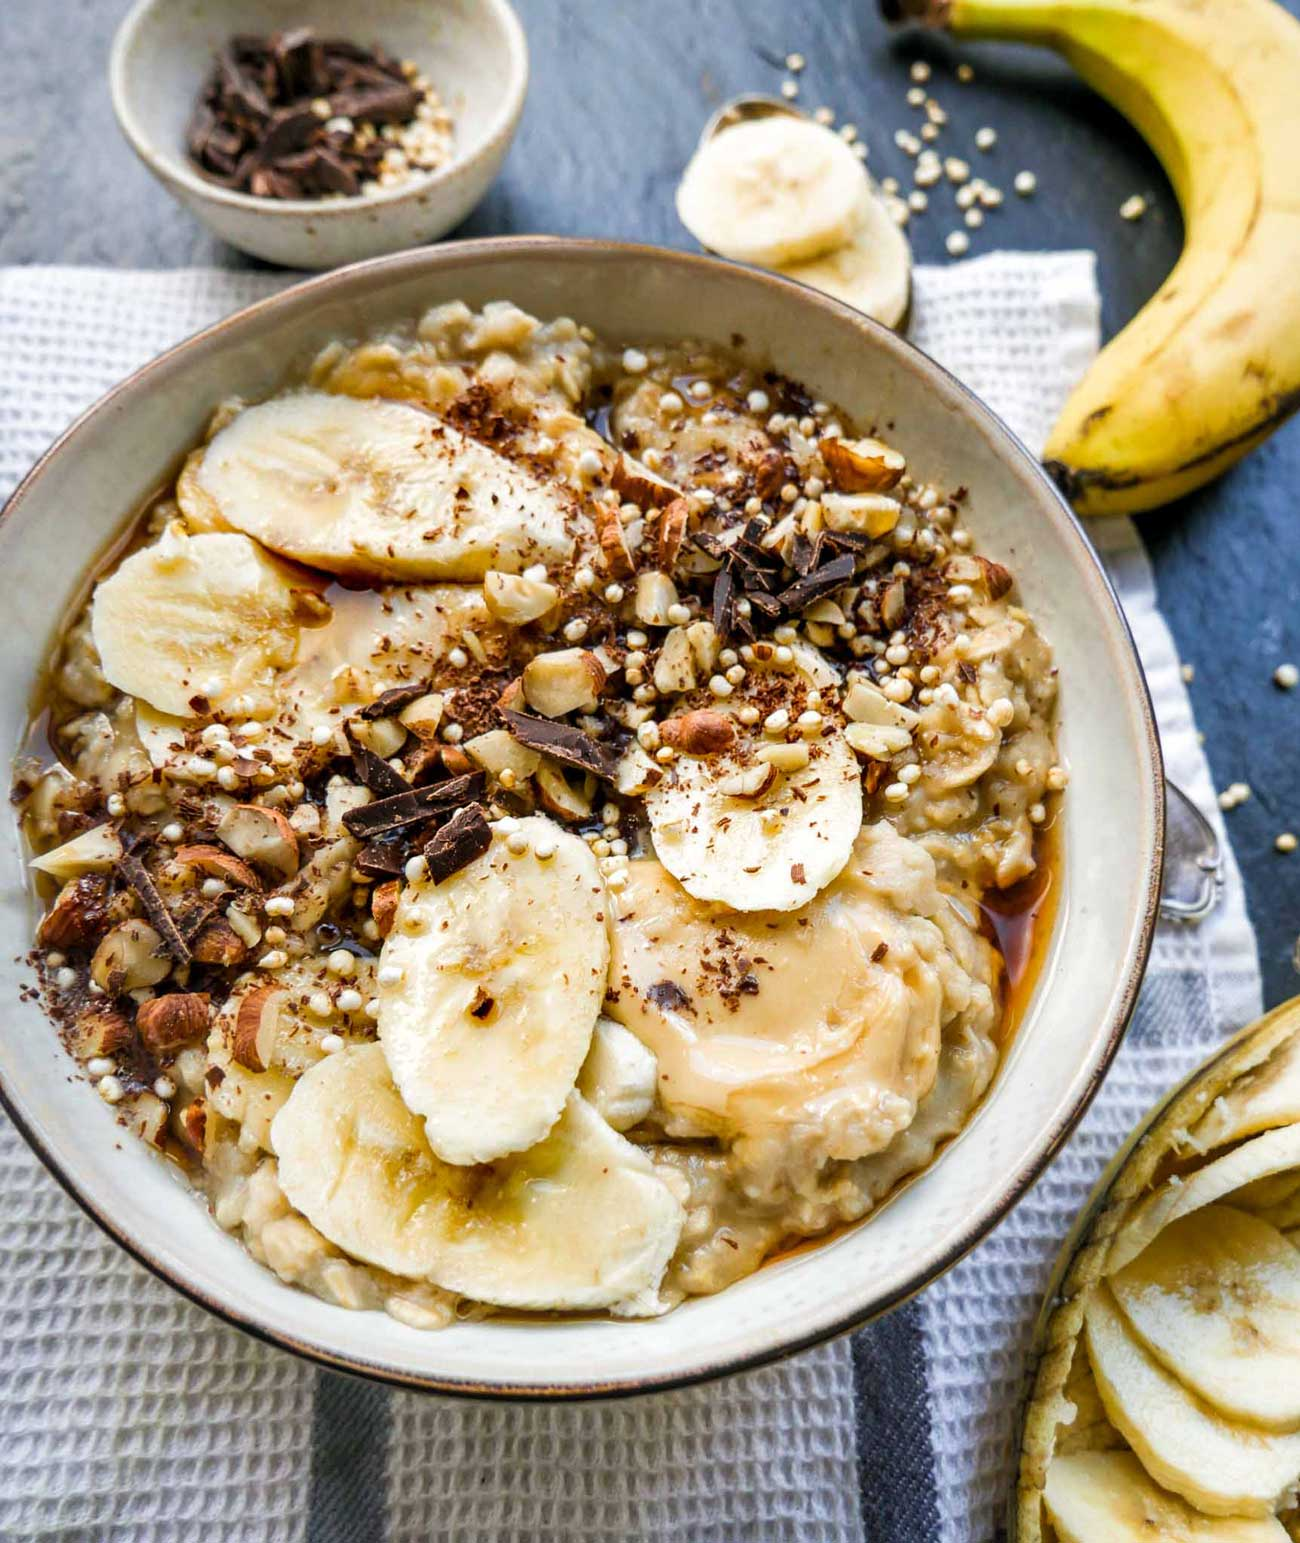 nem banangrod opskrift med bananer